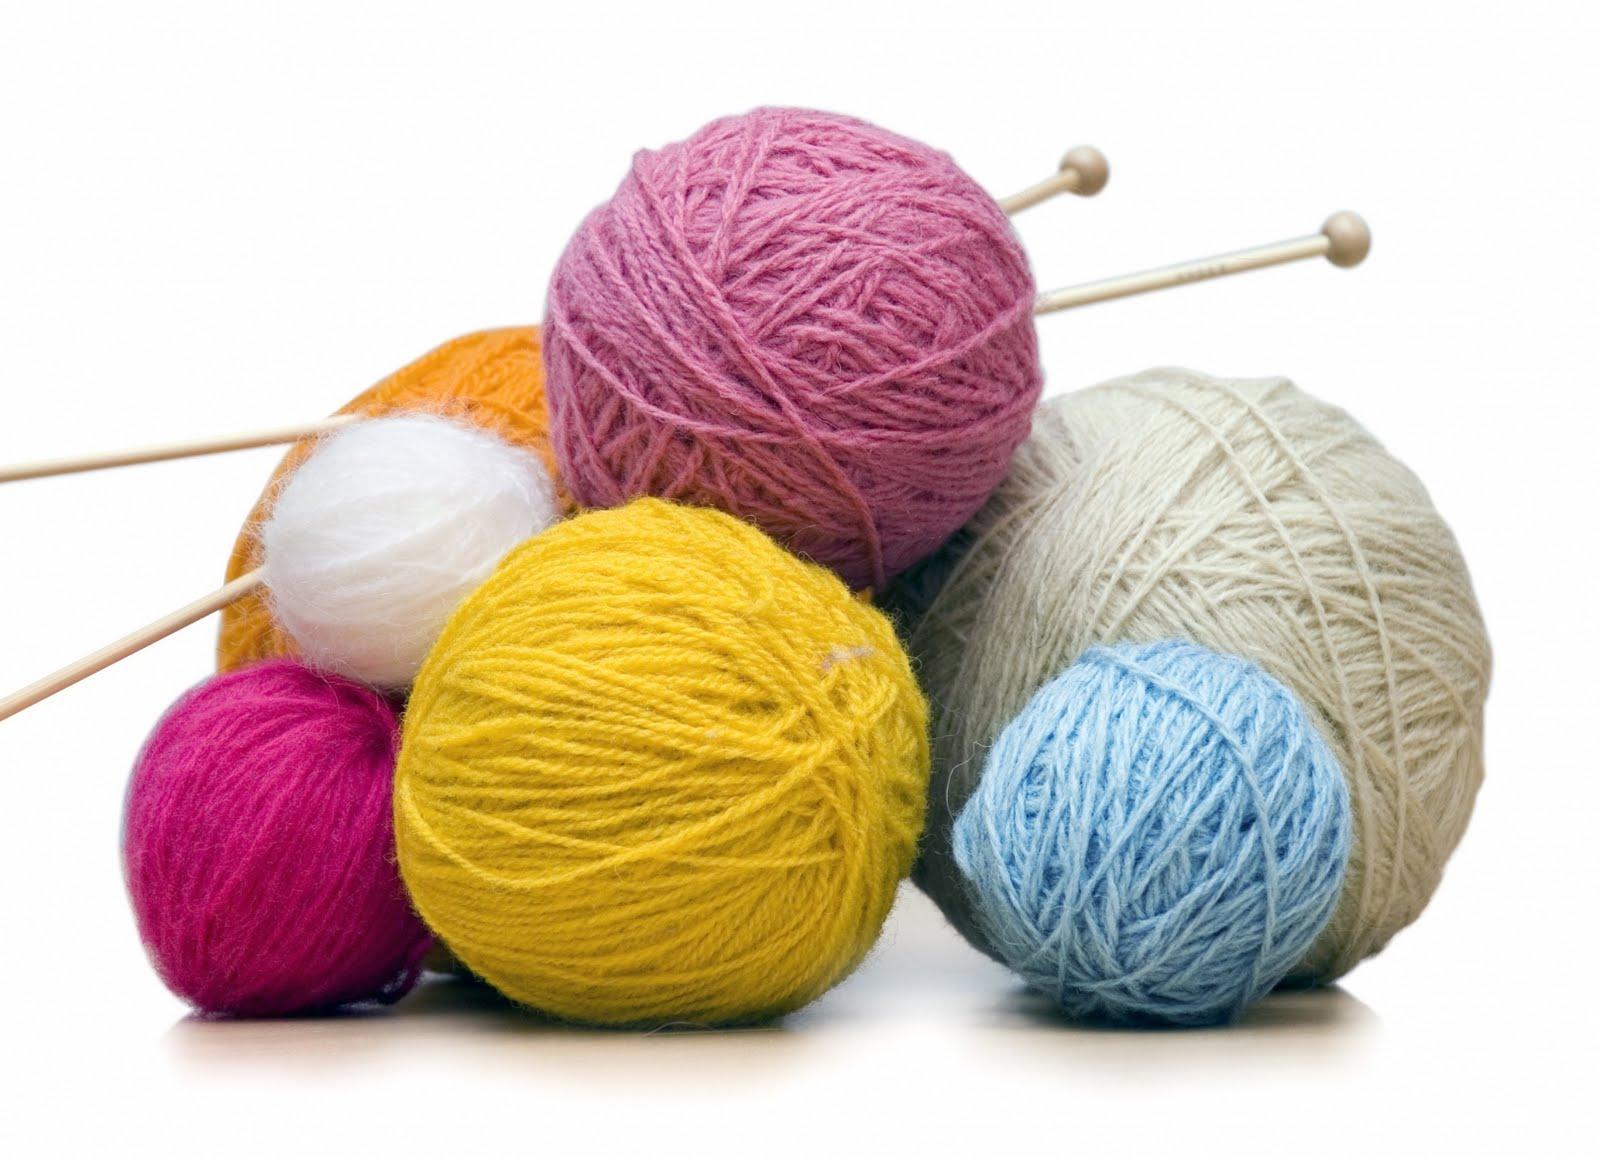 http://1.bp.blogspot.com/-RlR03q8OkbE/TndciGB3JMI/AAAAAAAAKWo/eDjf3DBpuDE/s1600/knitting.jpg